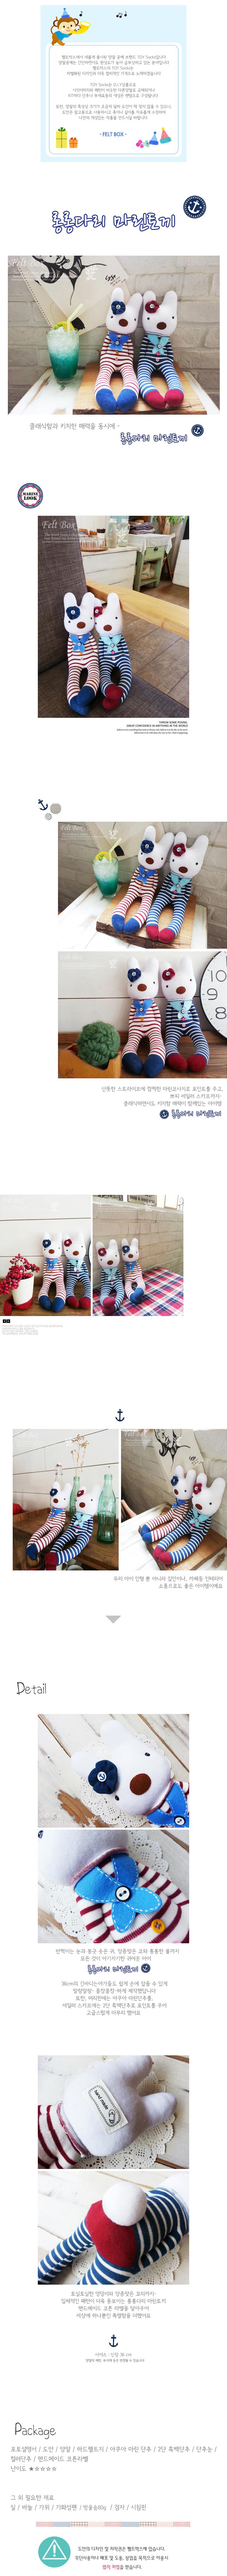 롱롱다리마린토끼 양말인형만들기 - 펠트박스, 7,300원, 퀼트/원단공예, 인형 패키지